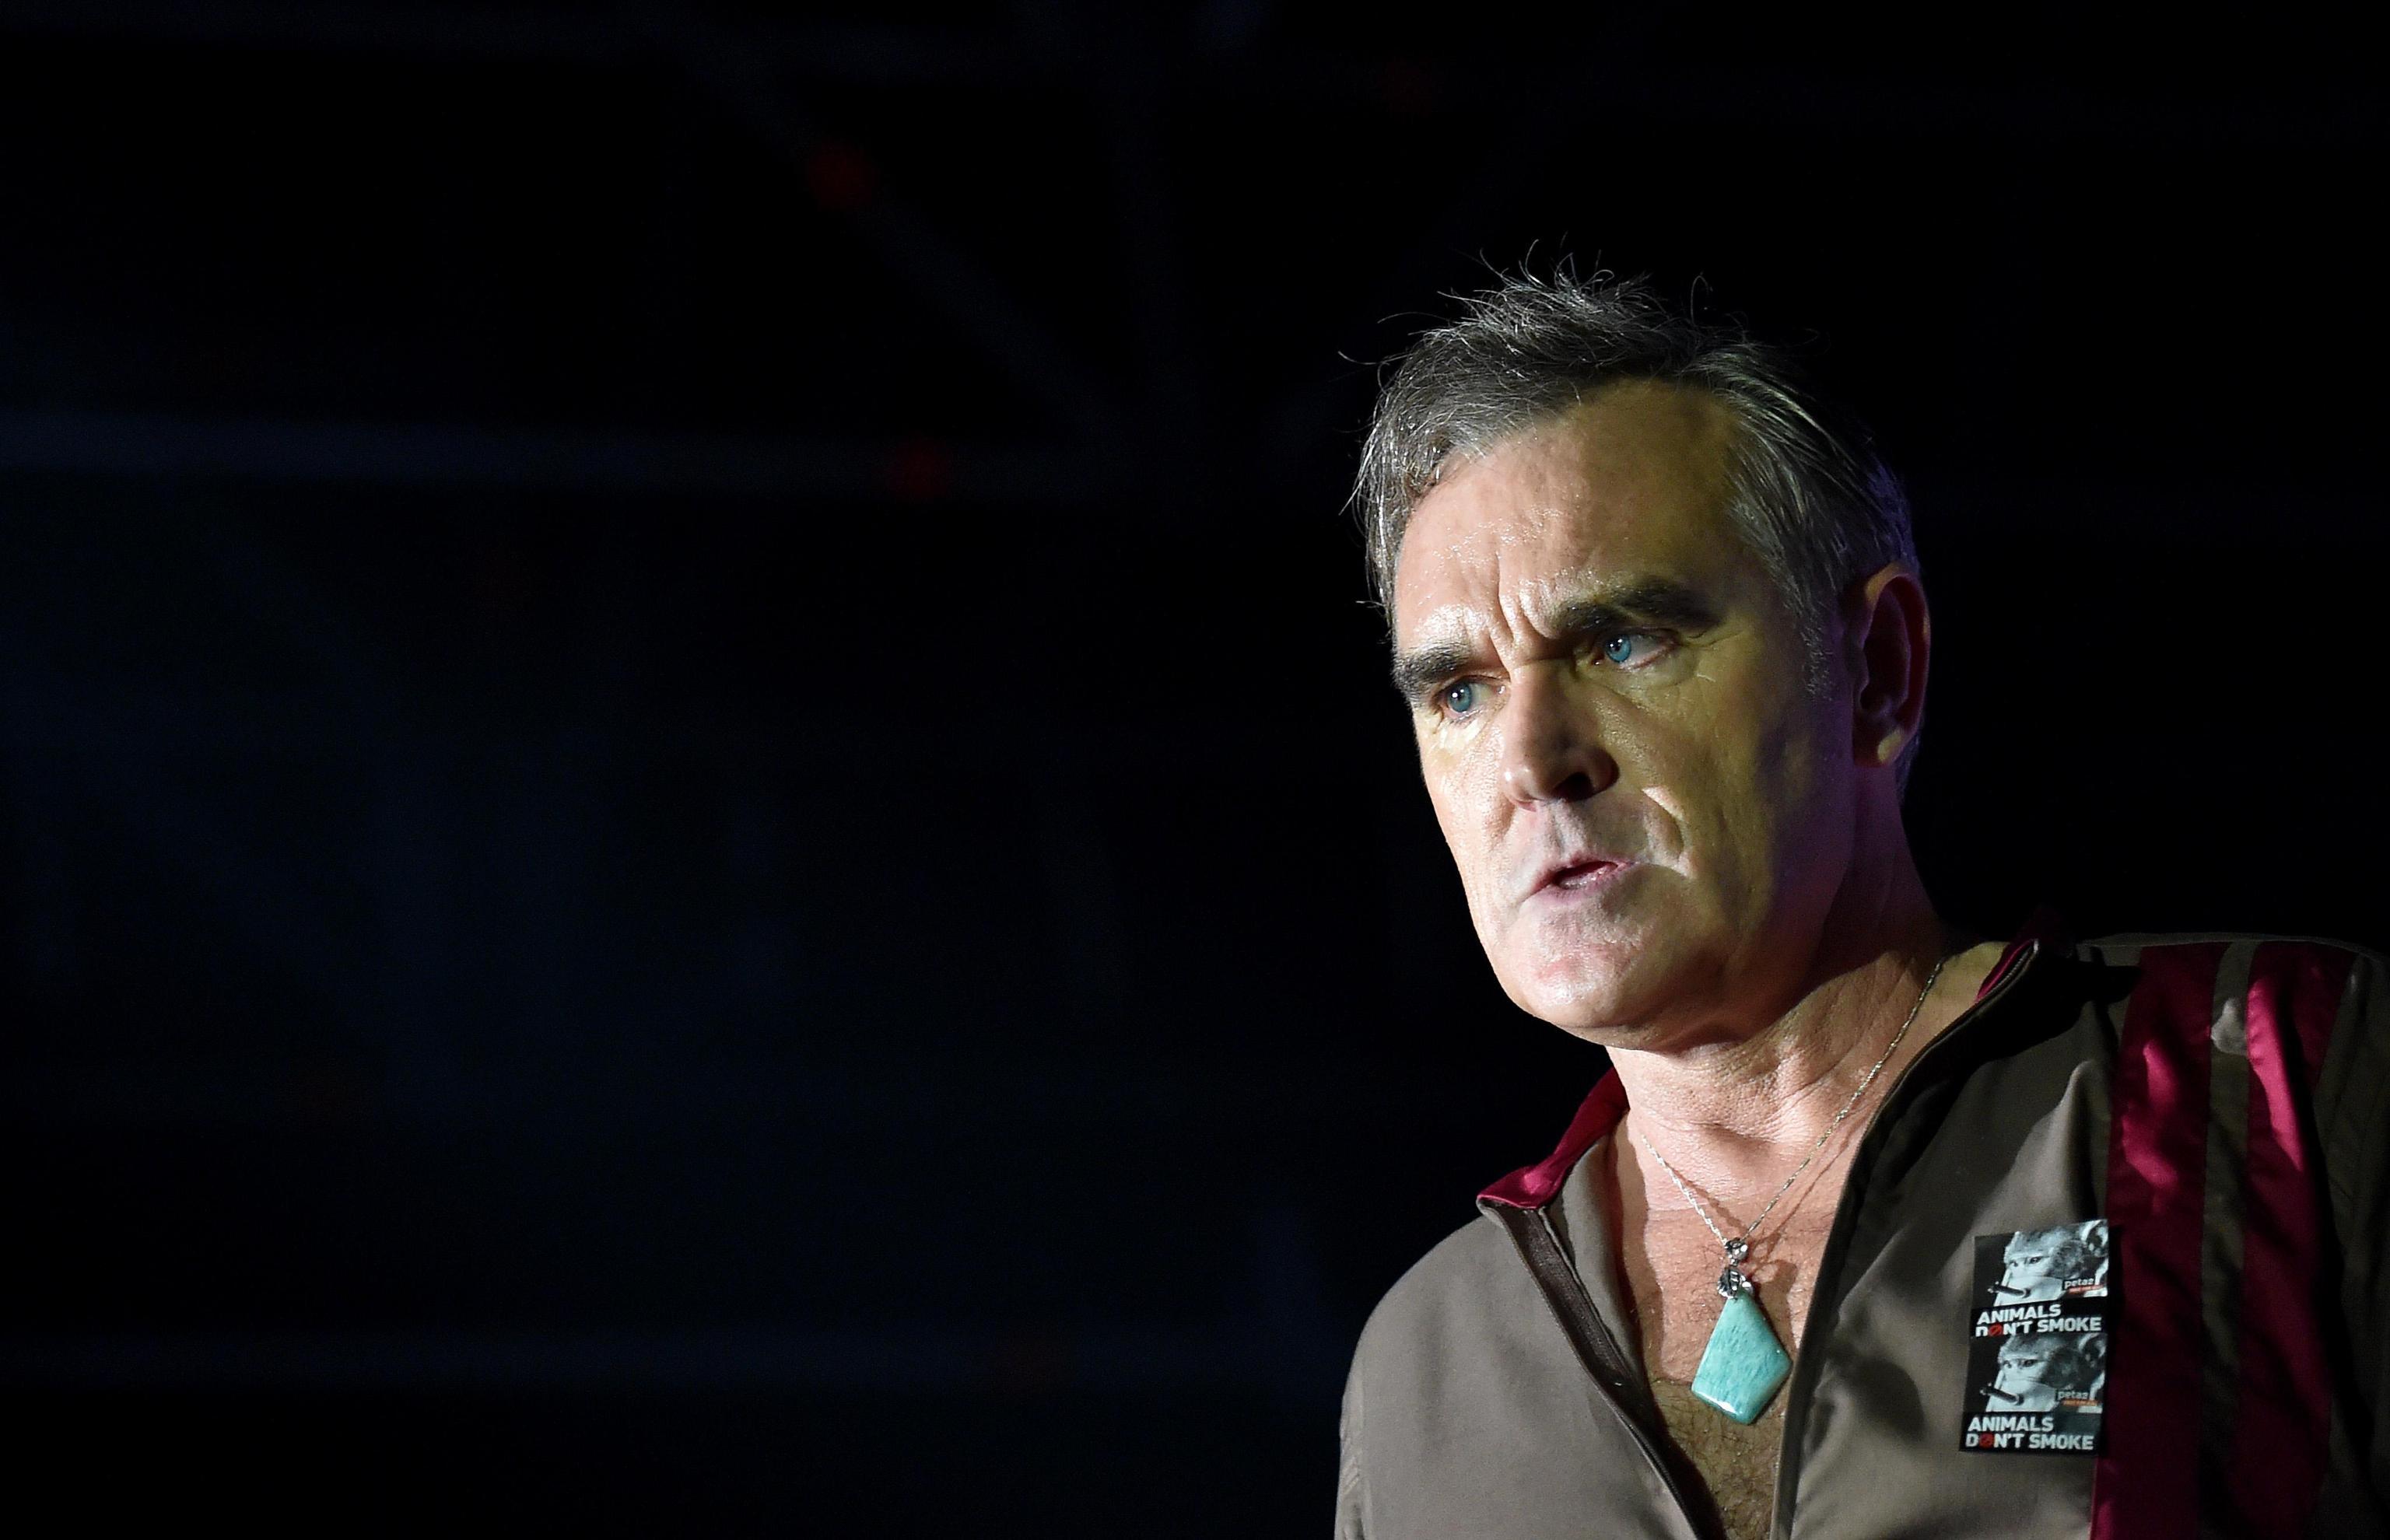 Morrissey contro la Polizia a Roma: 'Minacciato con una pistola, non mi sento al sicuro'